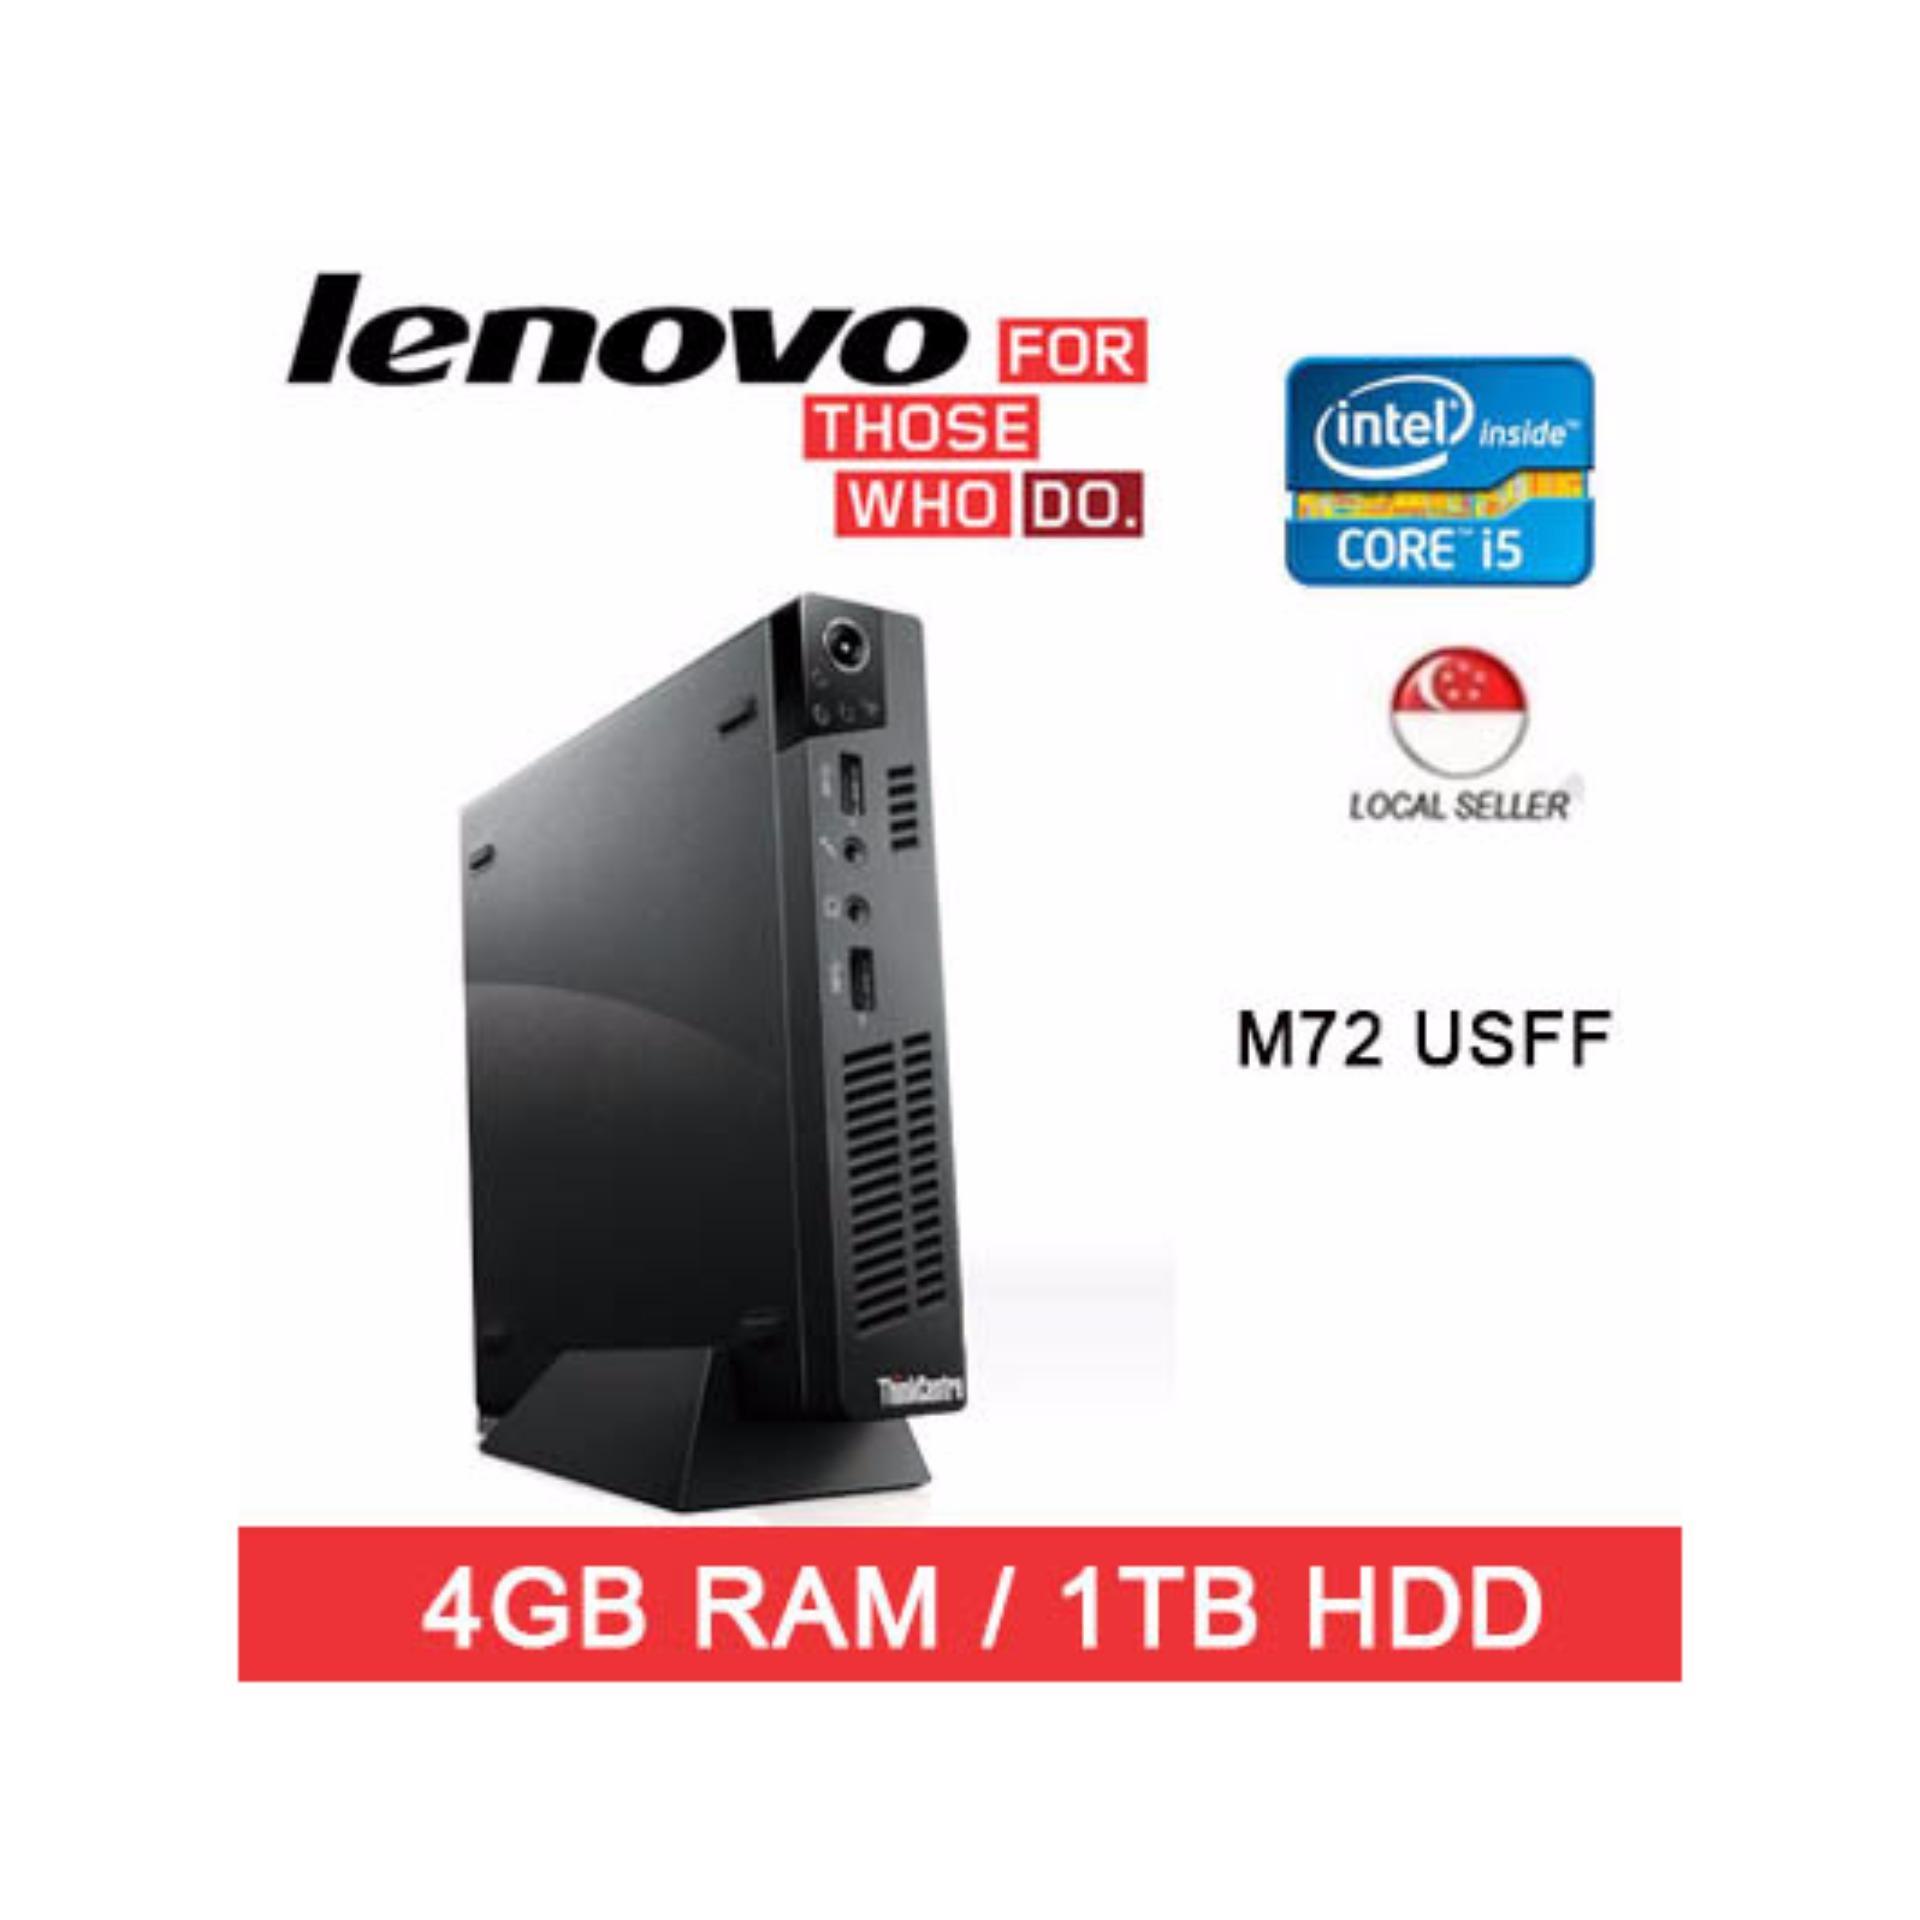 Refurbishd Lenovo M72 USFF Desktop / Intel I5 / 4GB RAM / 1TB HDD / One Month Warranty